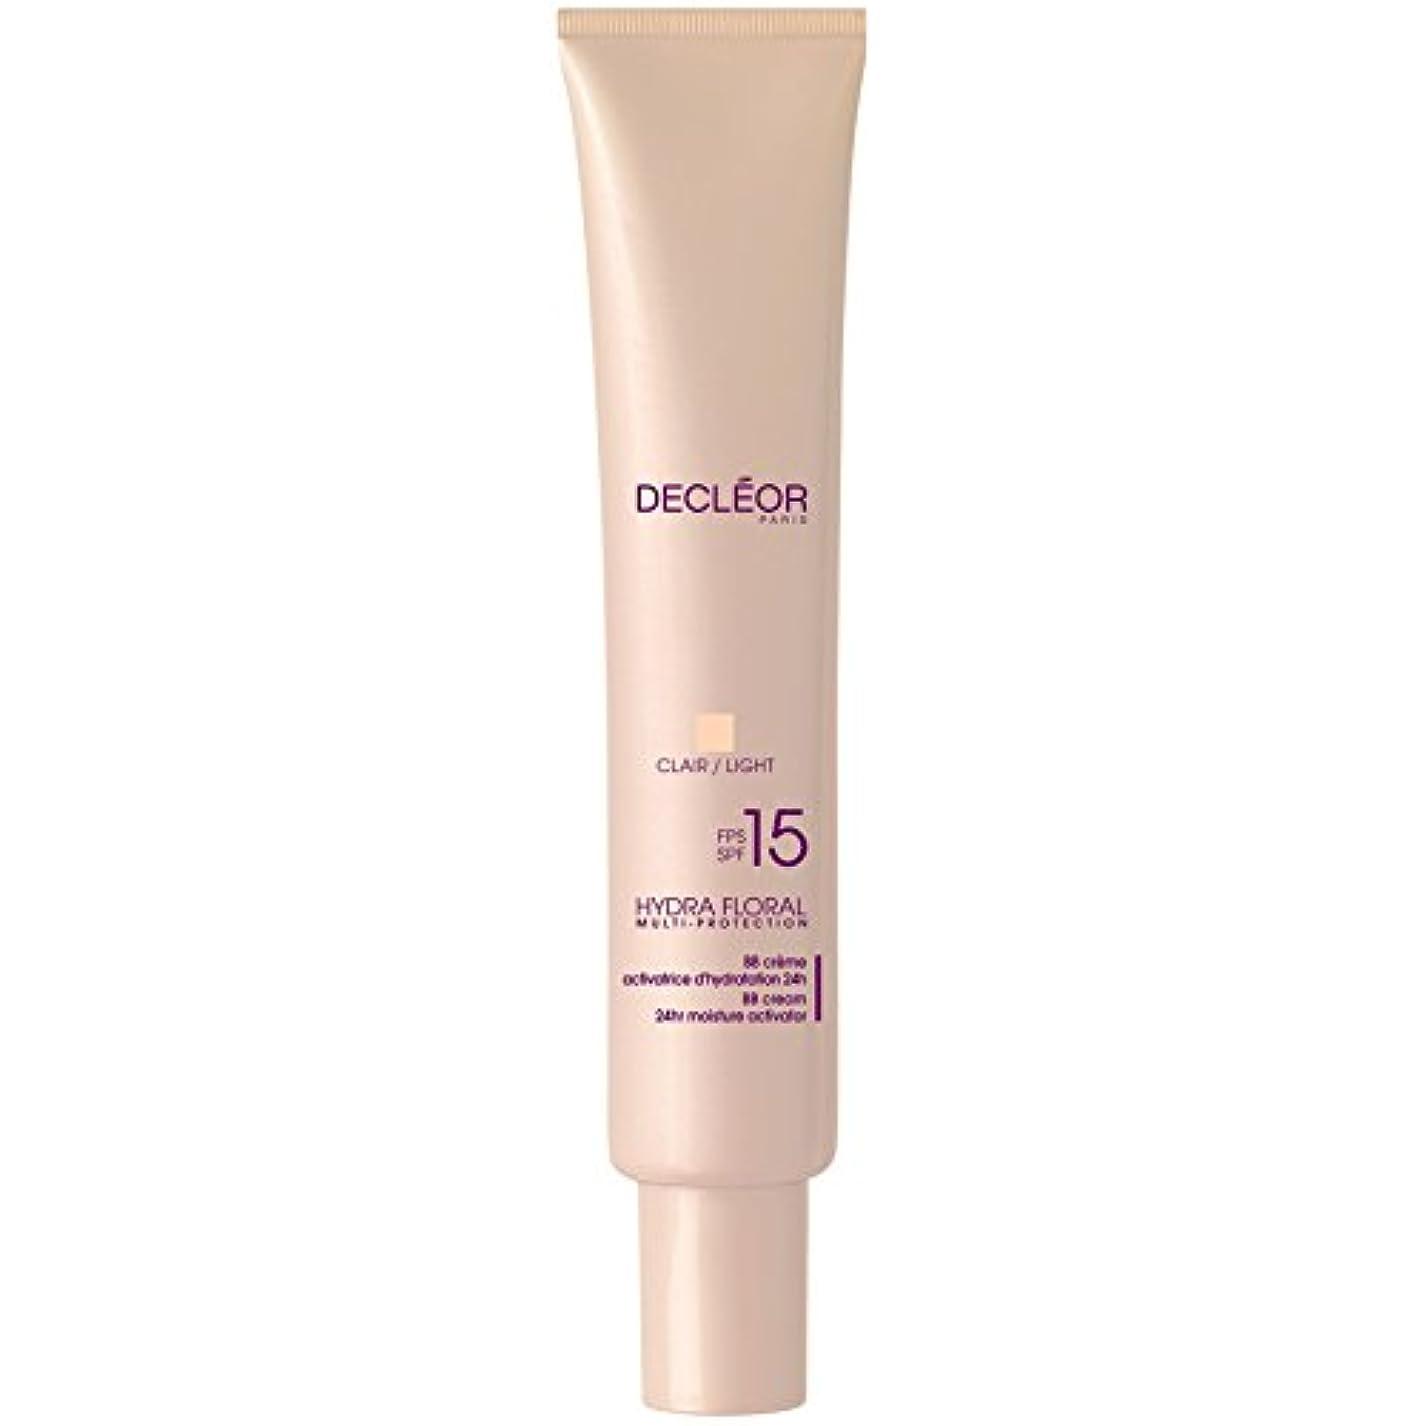 熟達ヒョウ熱心[Decl?or ] デクレオールBbクリームスキンパーフェクの40Mlの光 - Decl?or BB Cream Skin Perfector 40ml Light [並行輸入品]